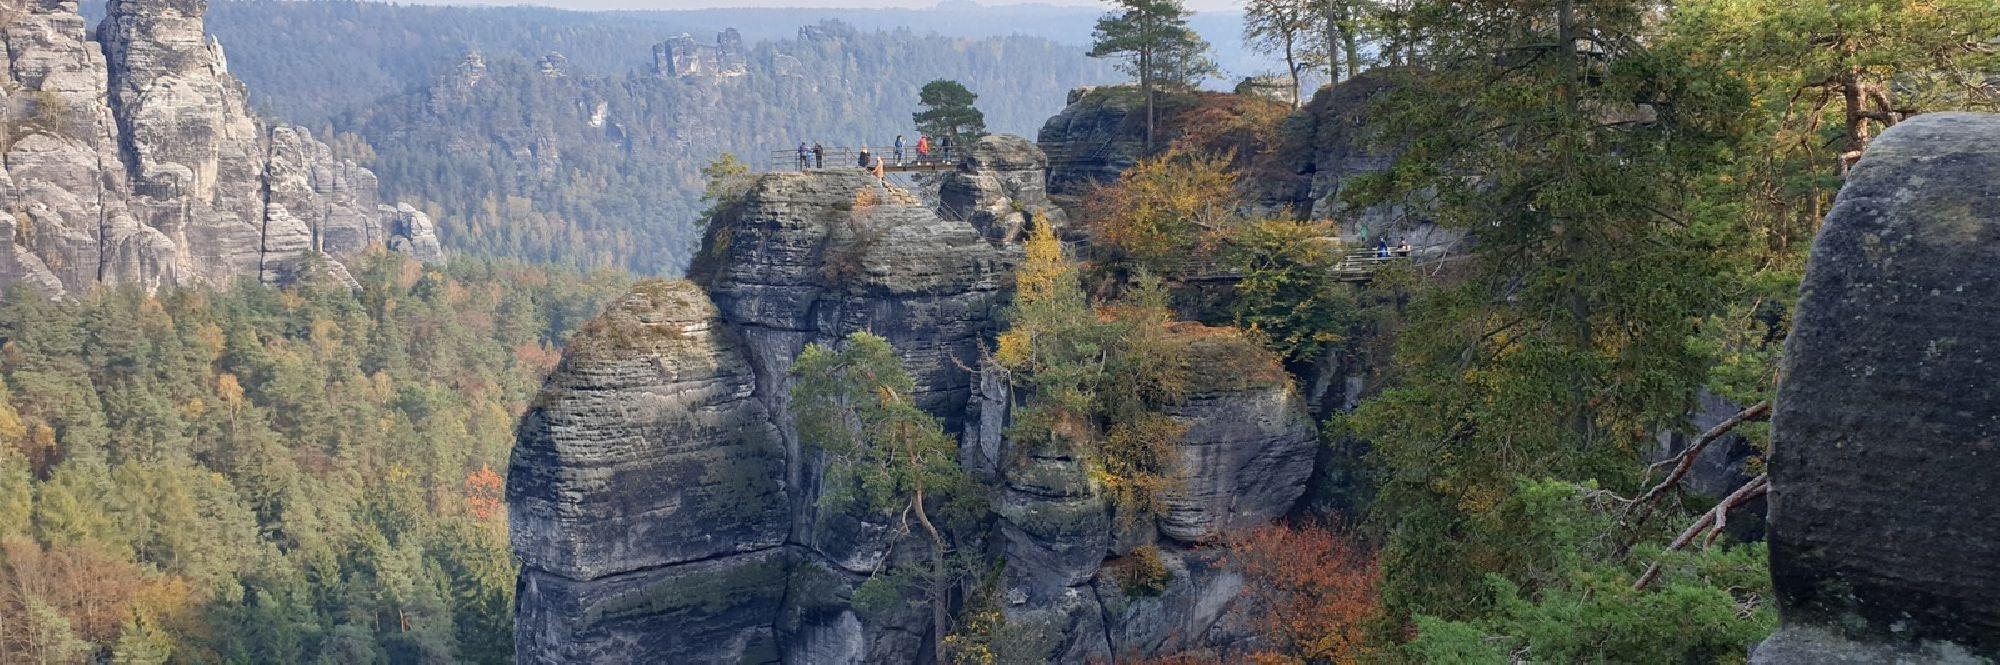 Felsformationen Elbsandsteingebirge